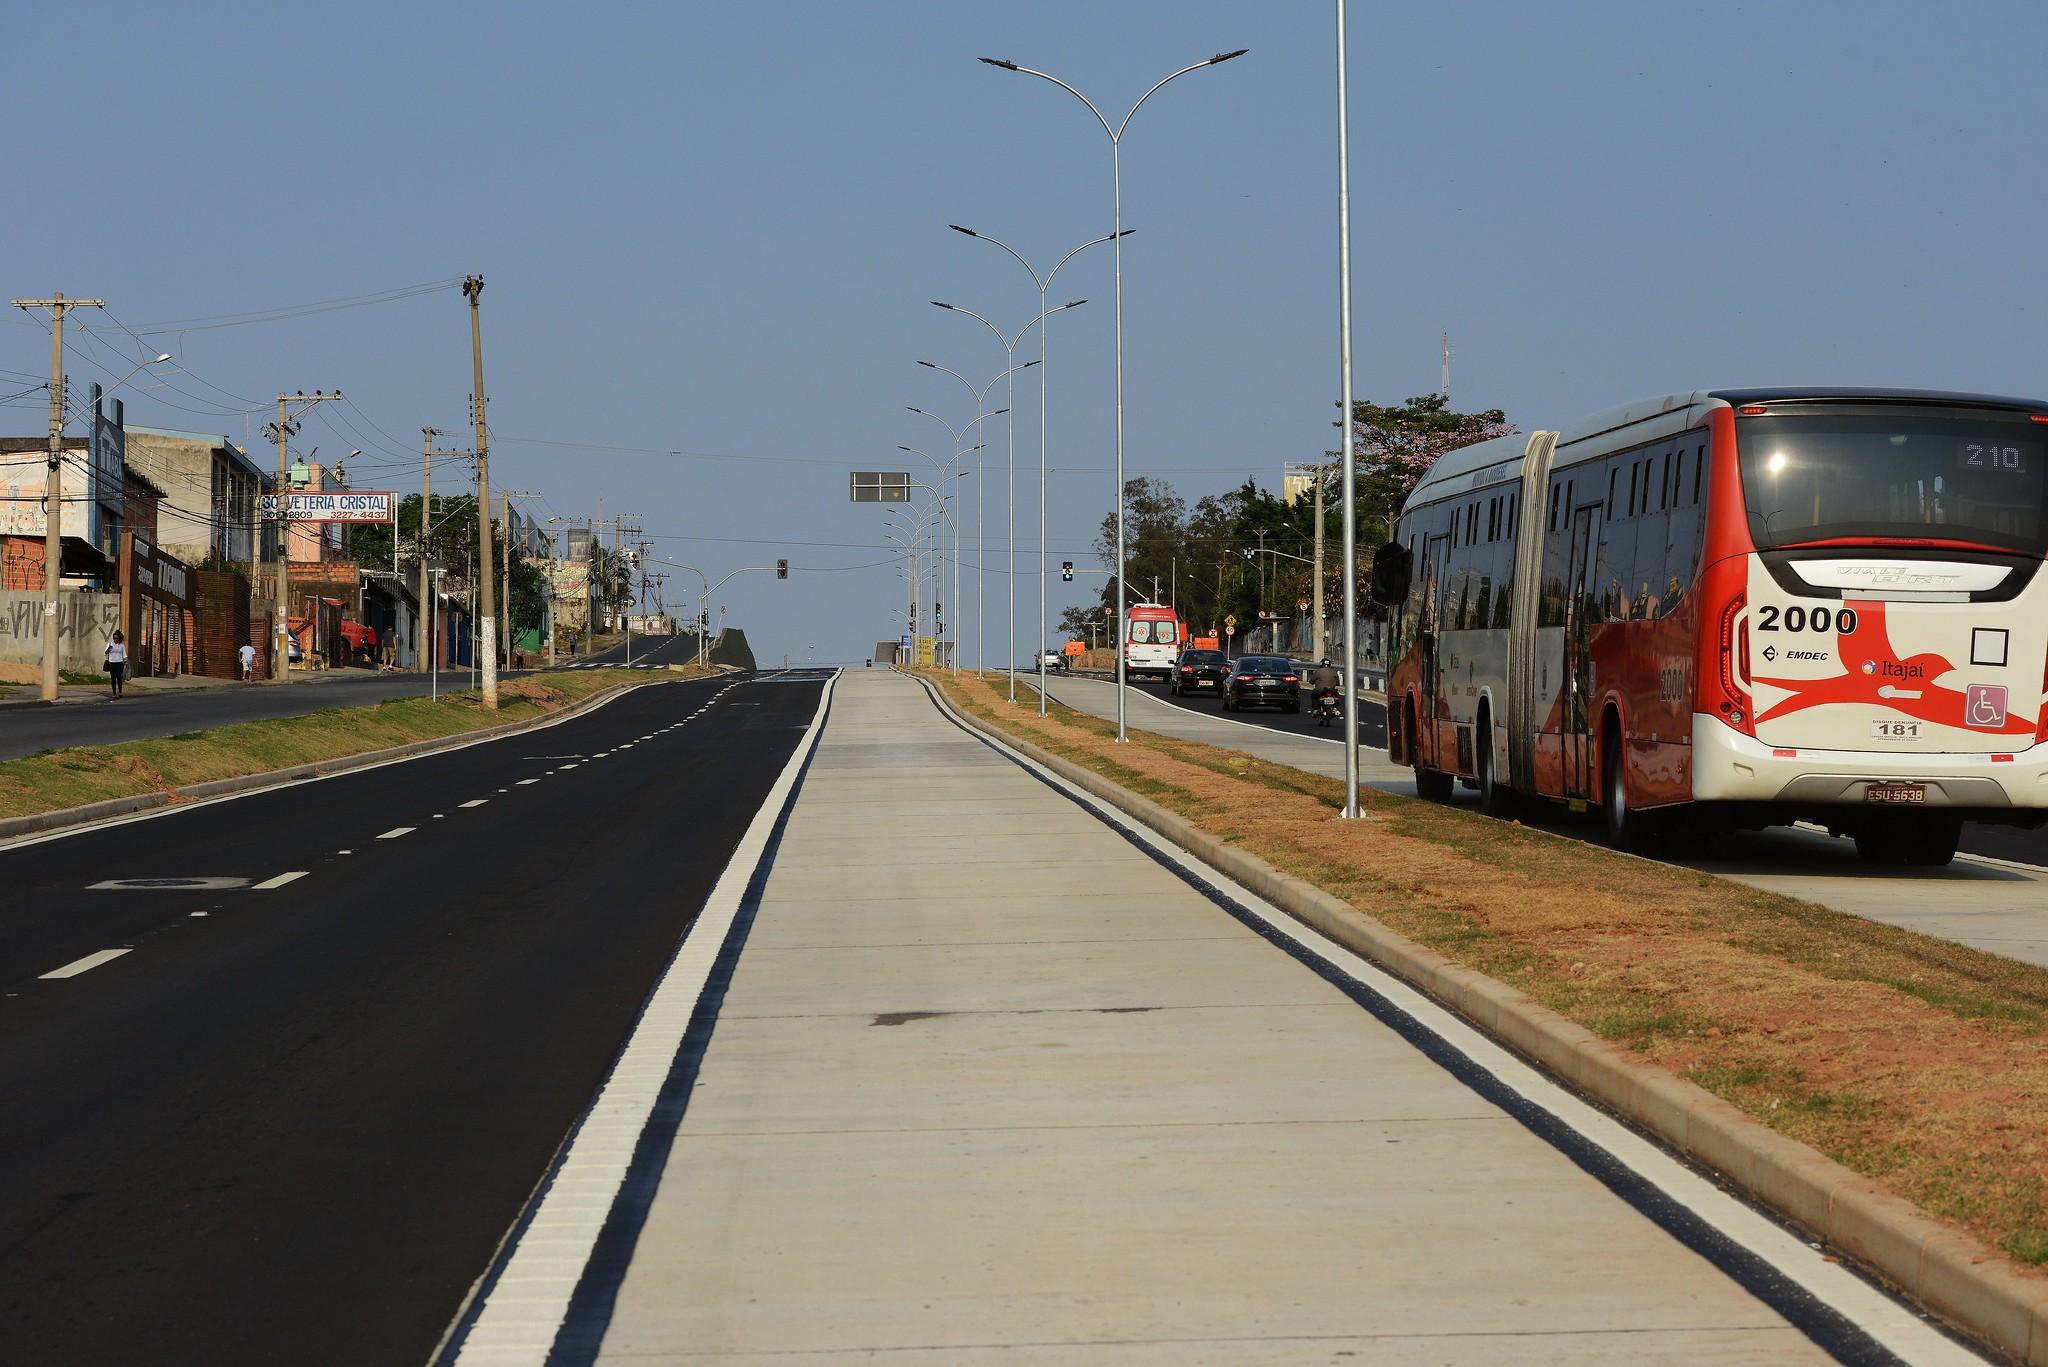 Câmara de Campinas aprova projeto sobre alerta em ônibus contra importunação sexual - Notícias - Plantão Diário